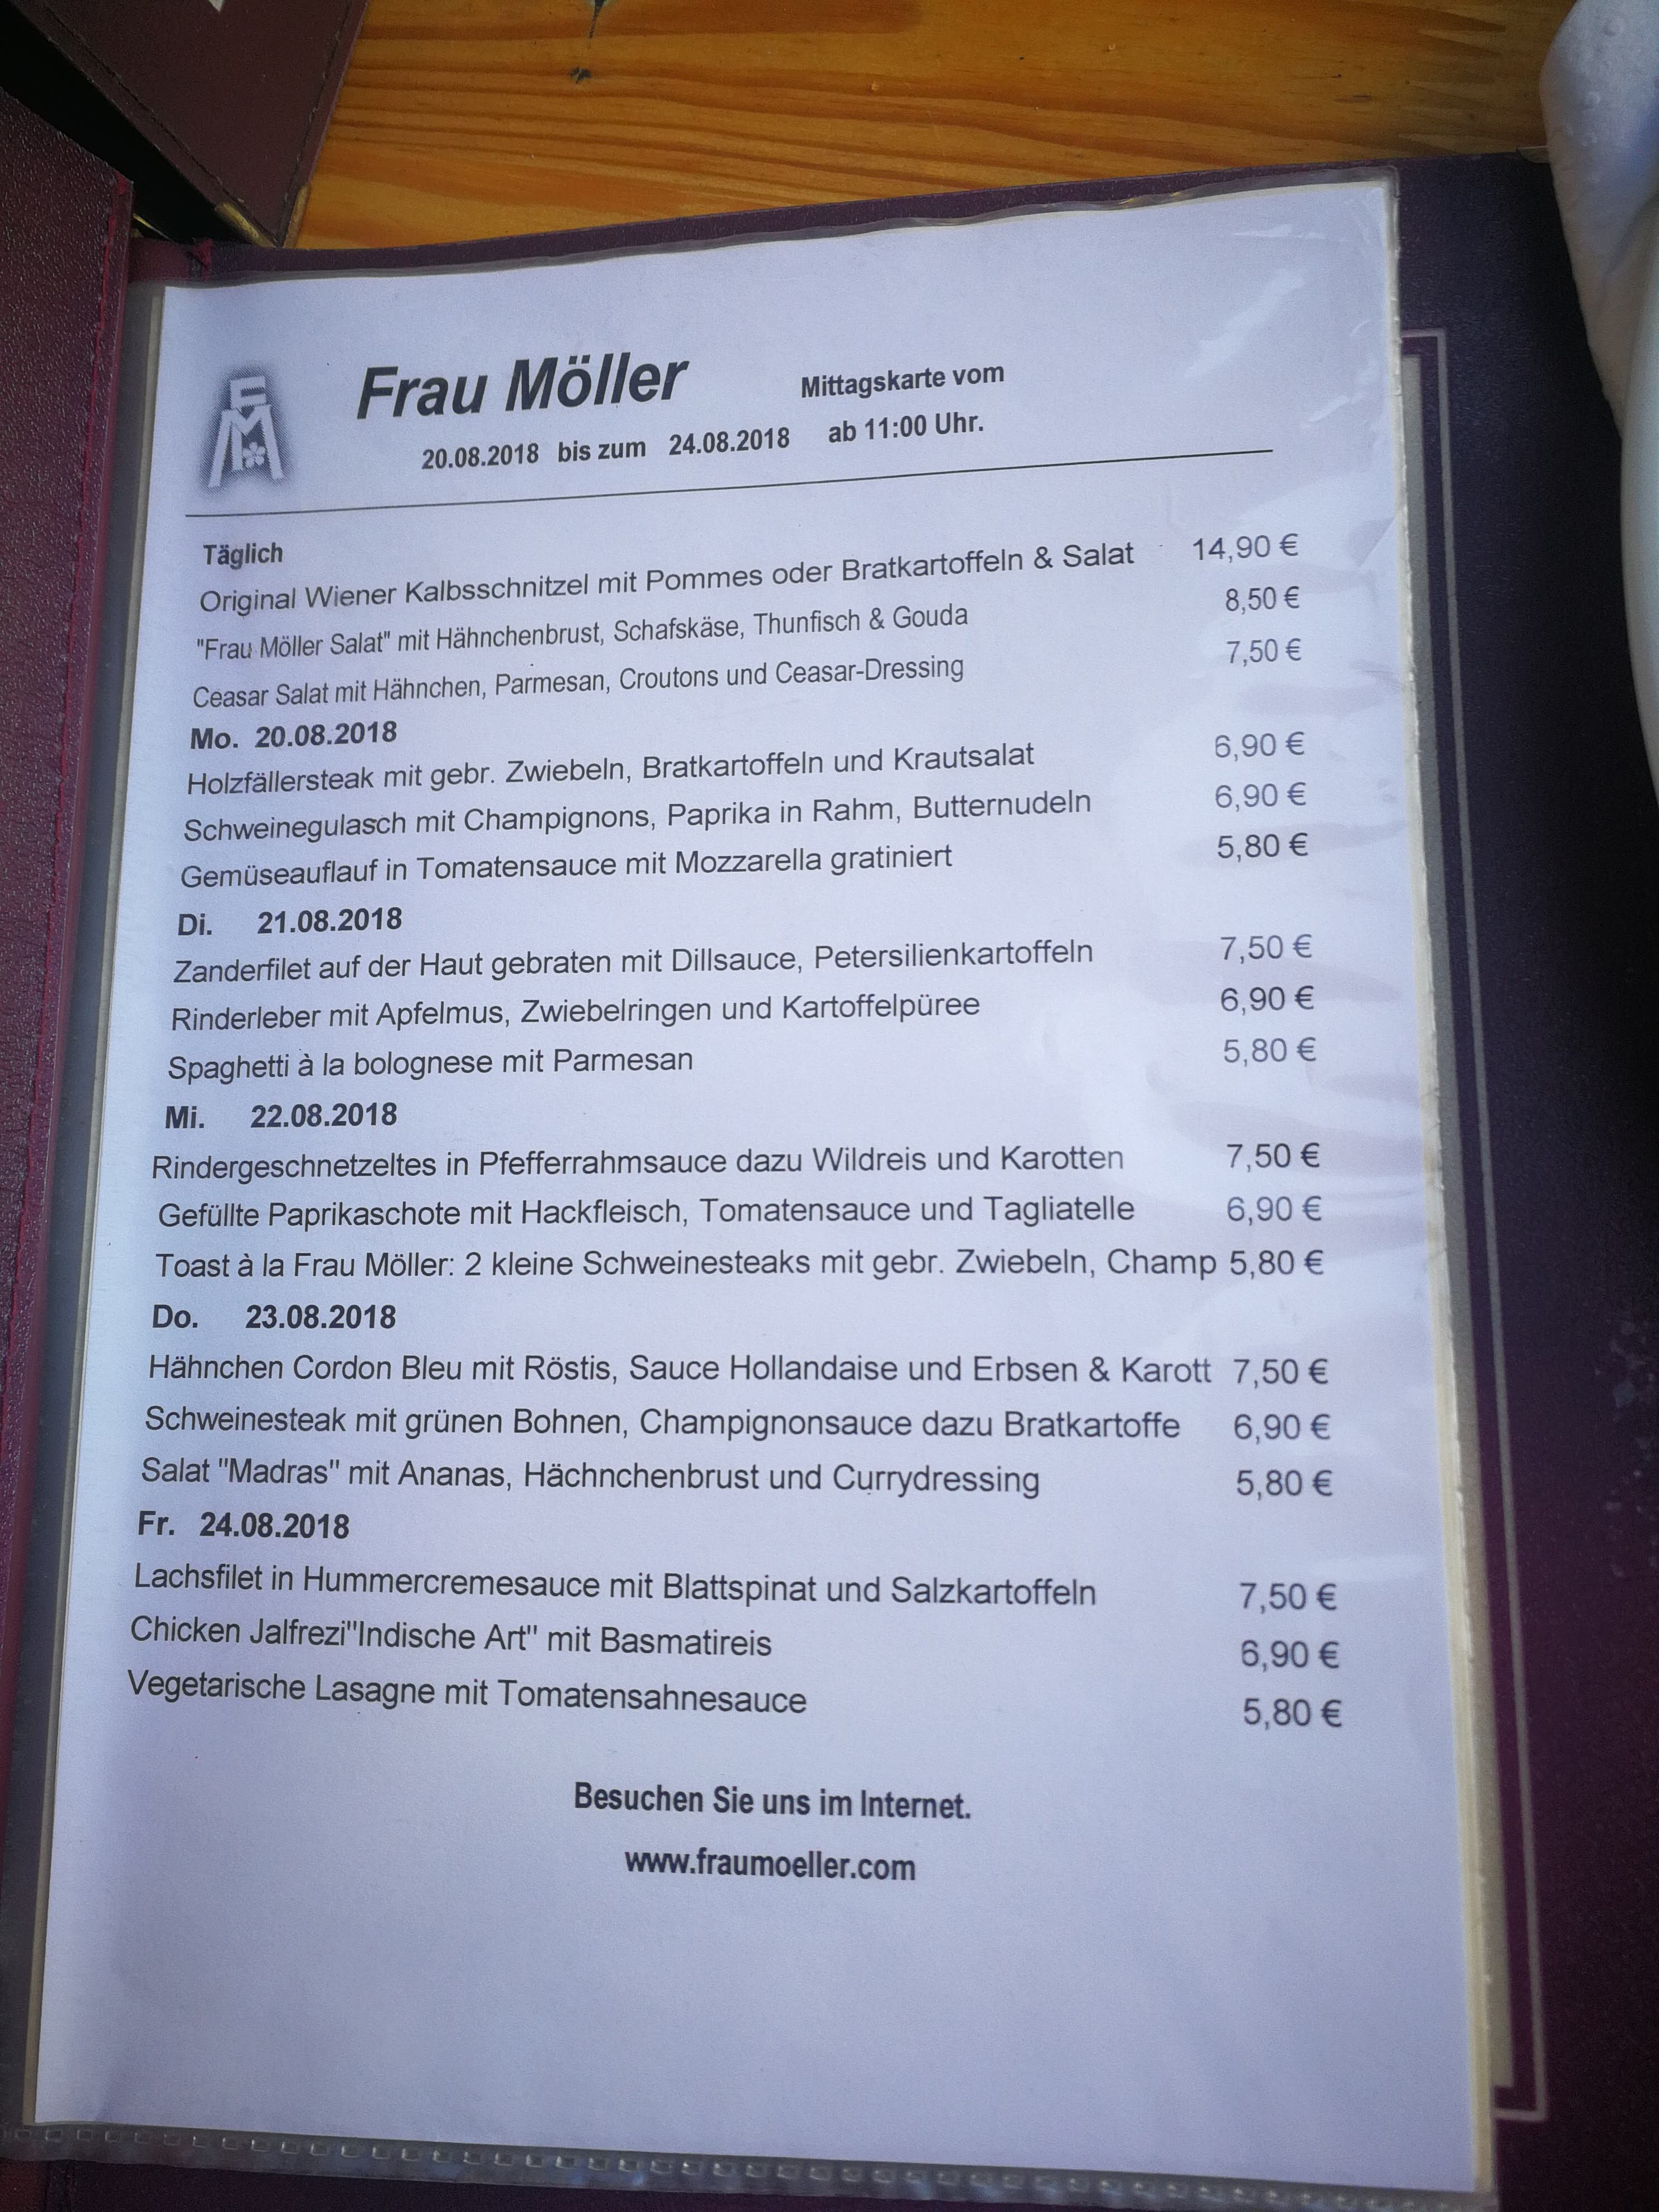 Frau Moller Menu